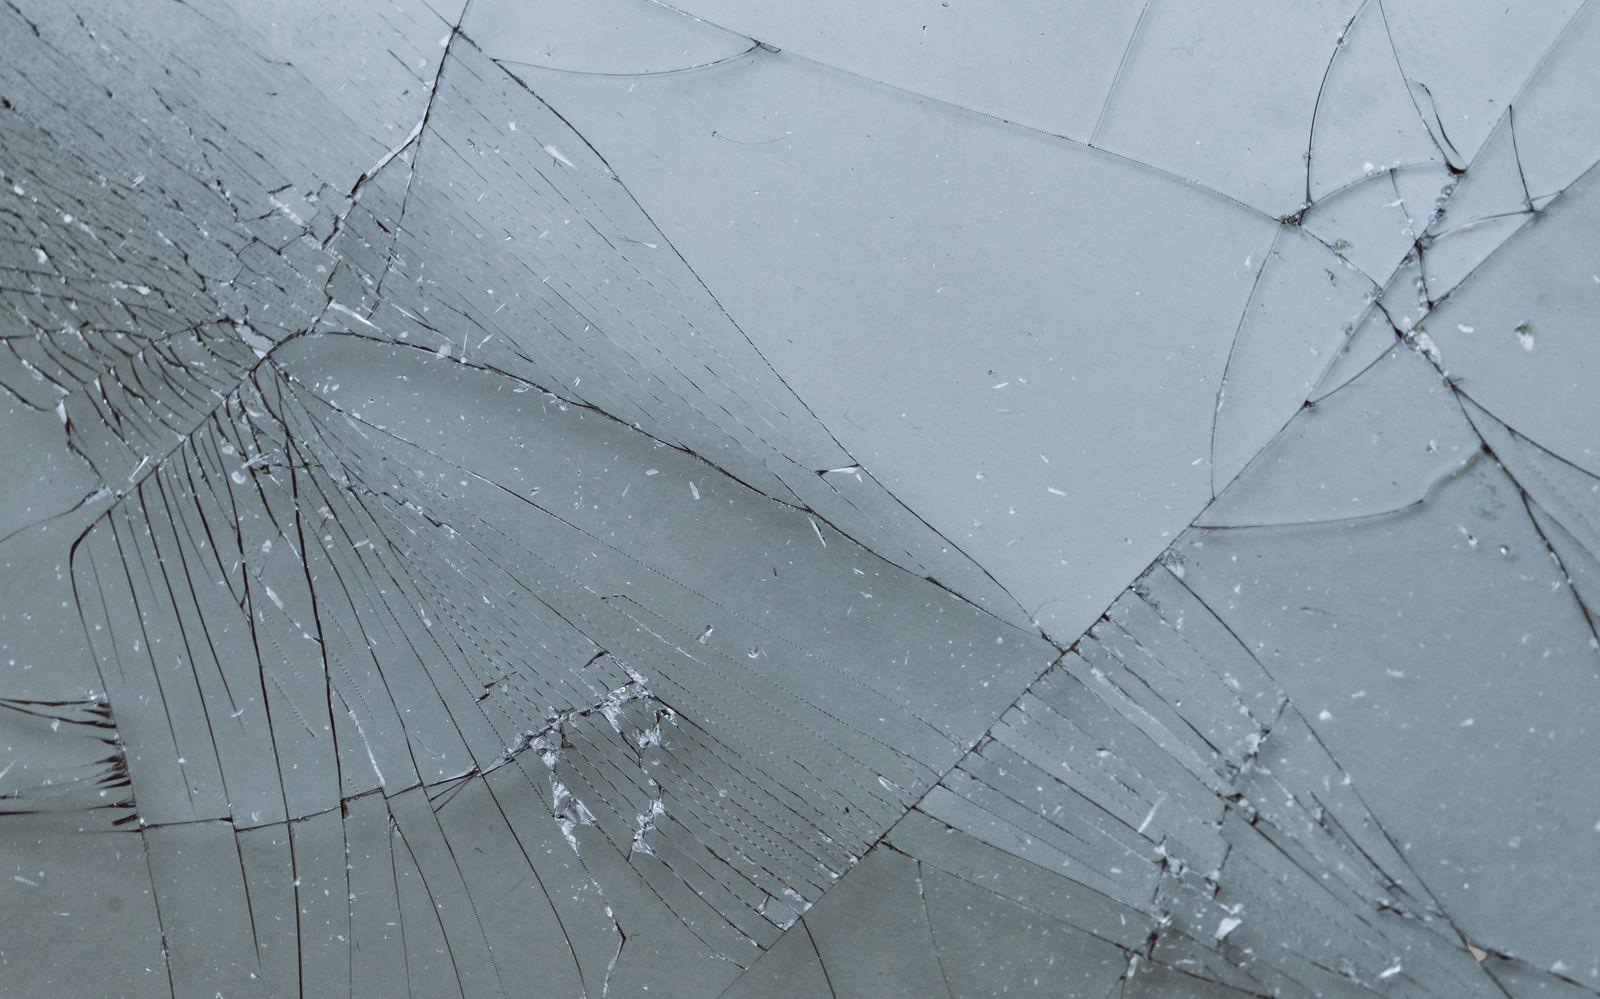 「破損してガラスにヒビが入る」の写真